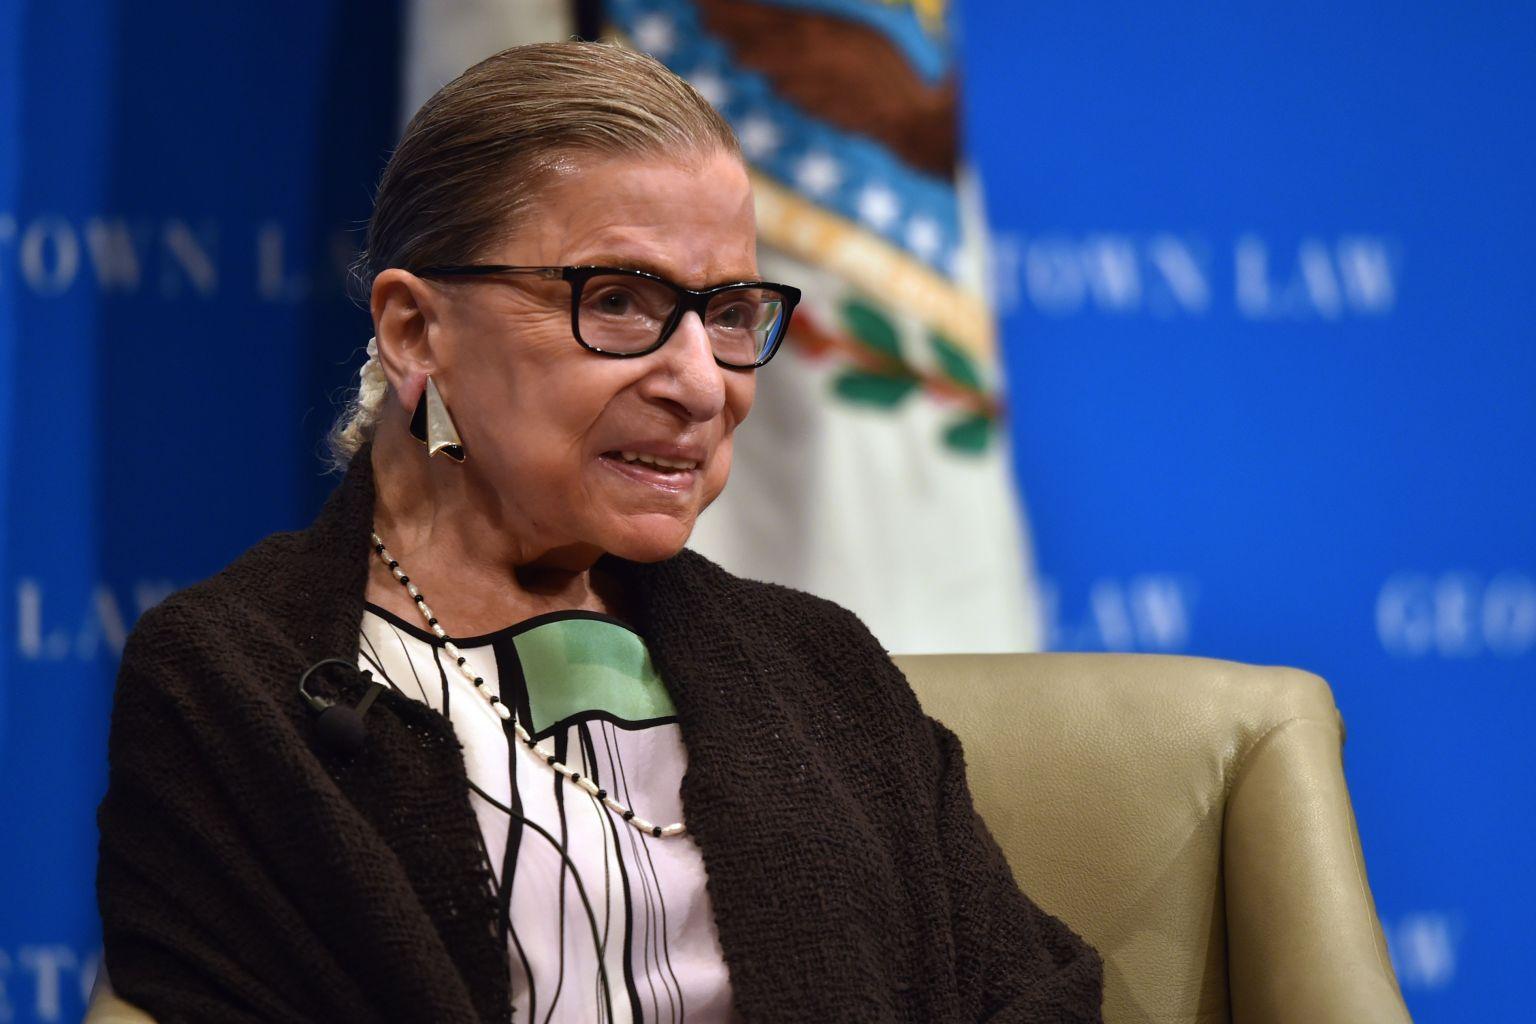 Senate resolution to honor Ruth Bader Ginsburg blocked